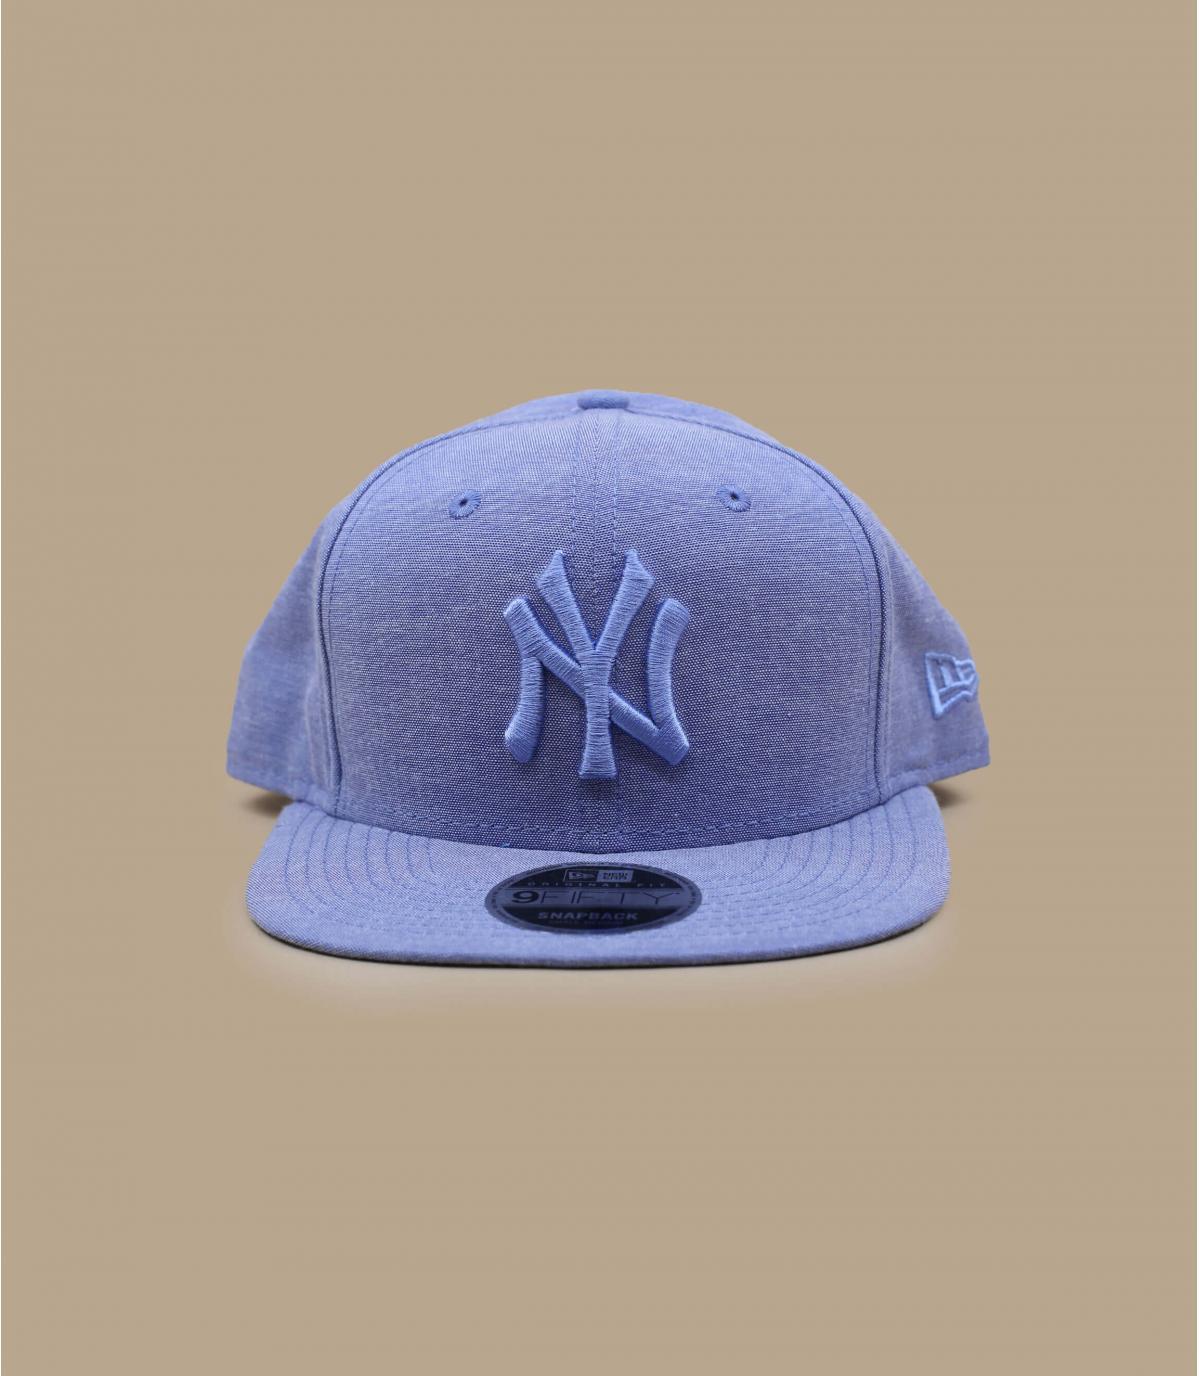 Details Snapback MLB Oxford 9Fifty NY sky blue - Abbildung 2